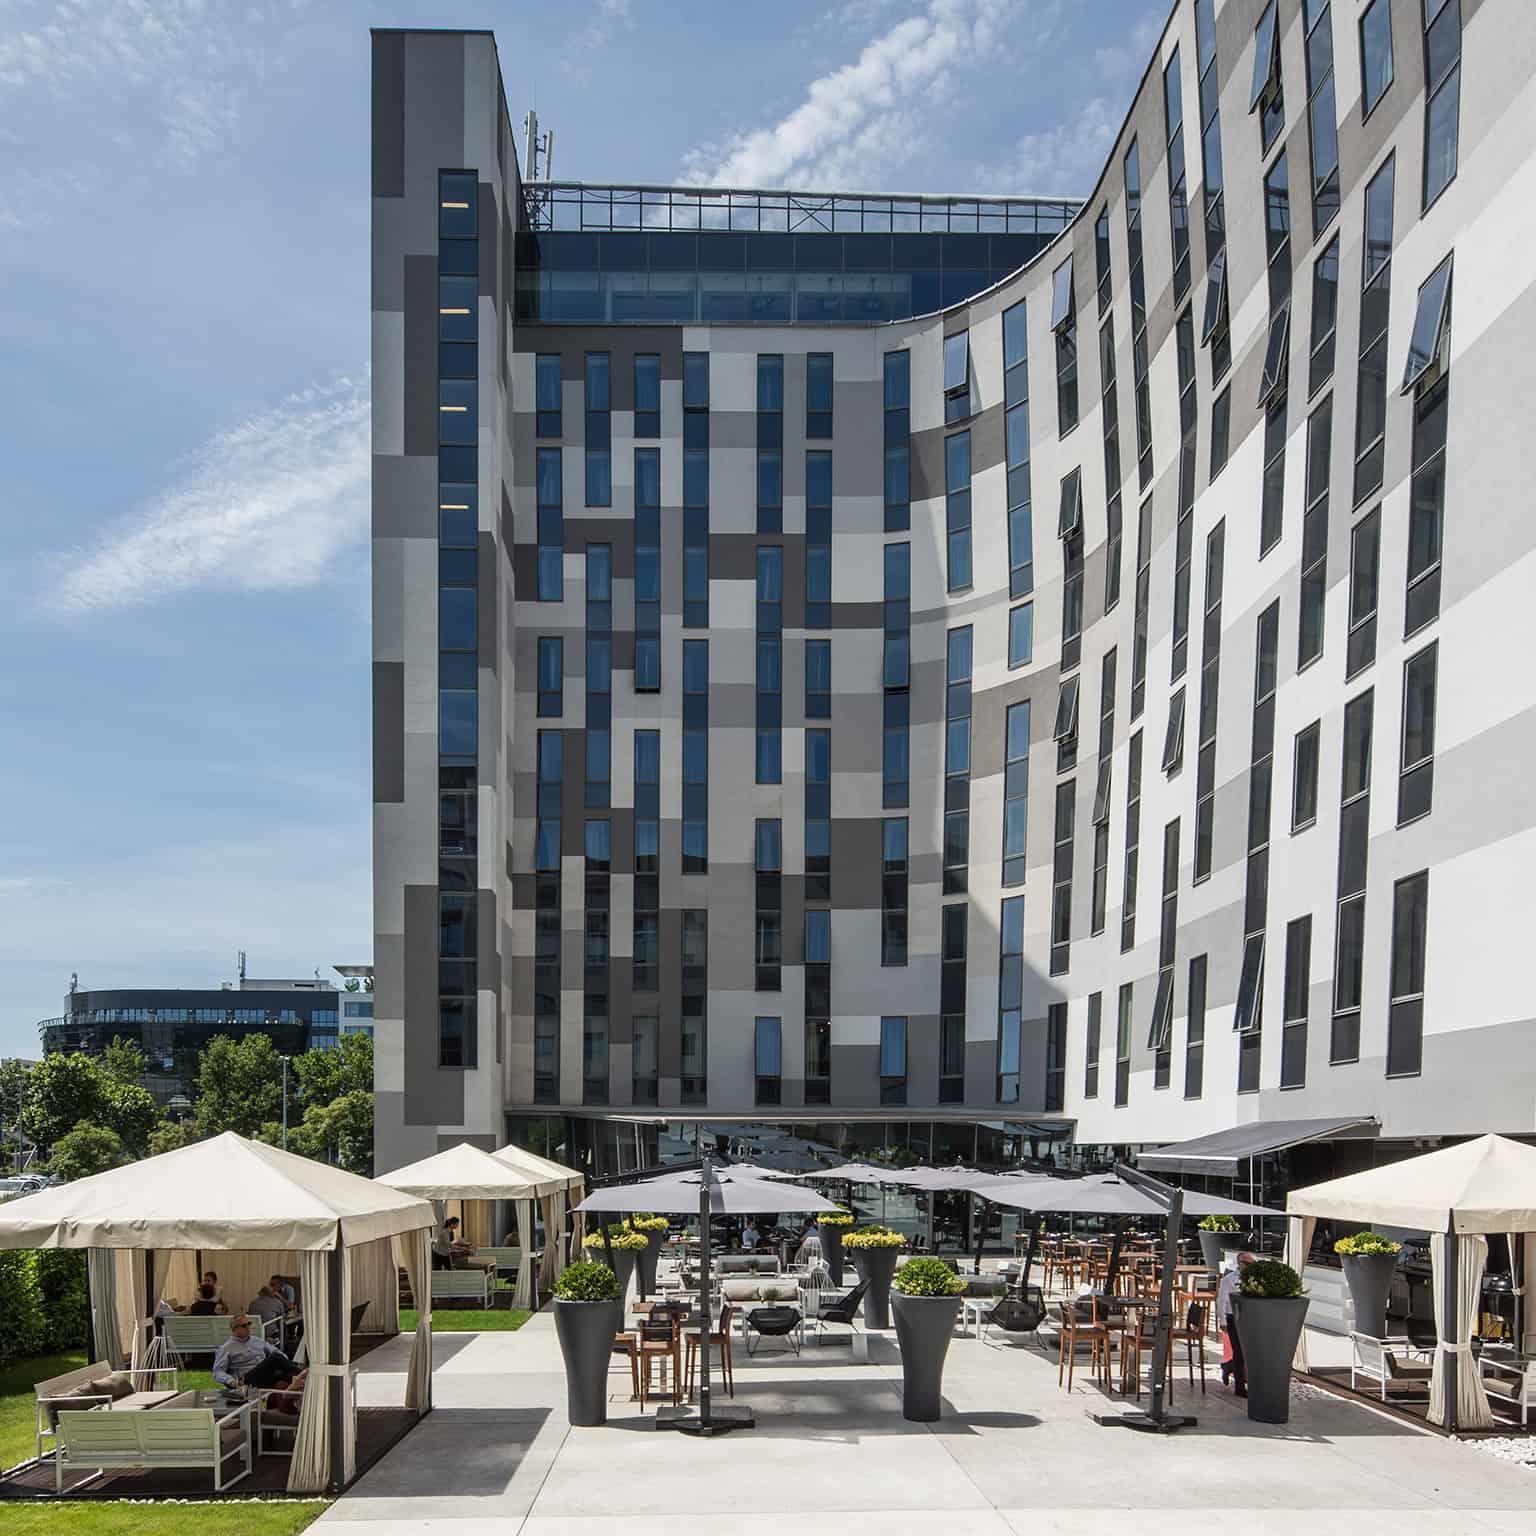 falkensteiner-hotel-belgrade